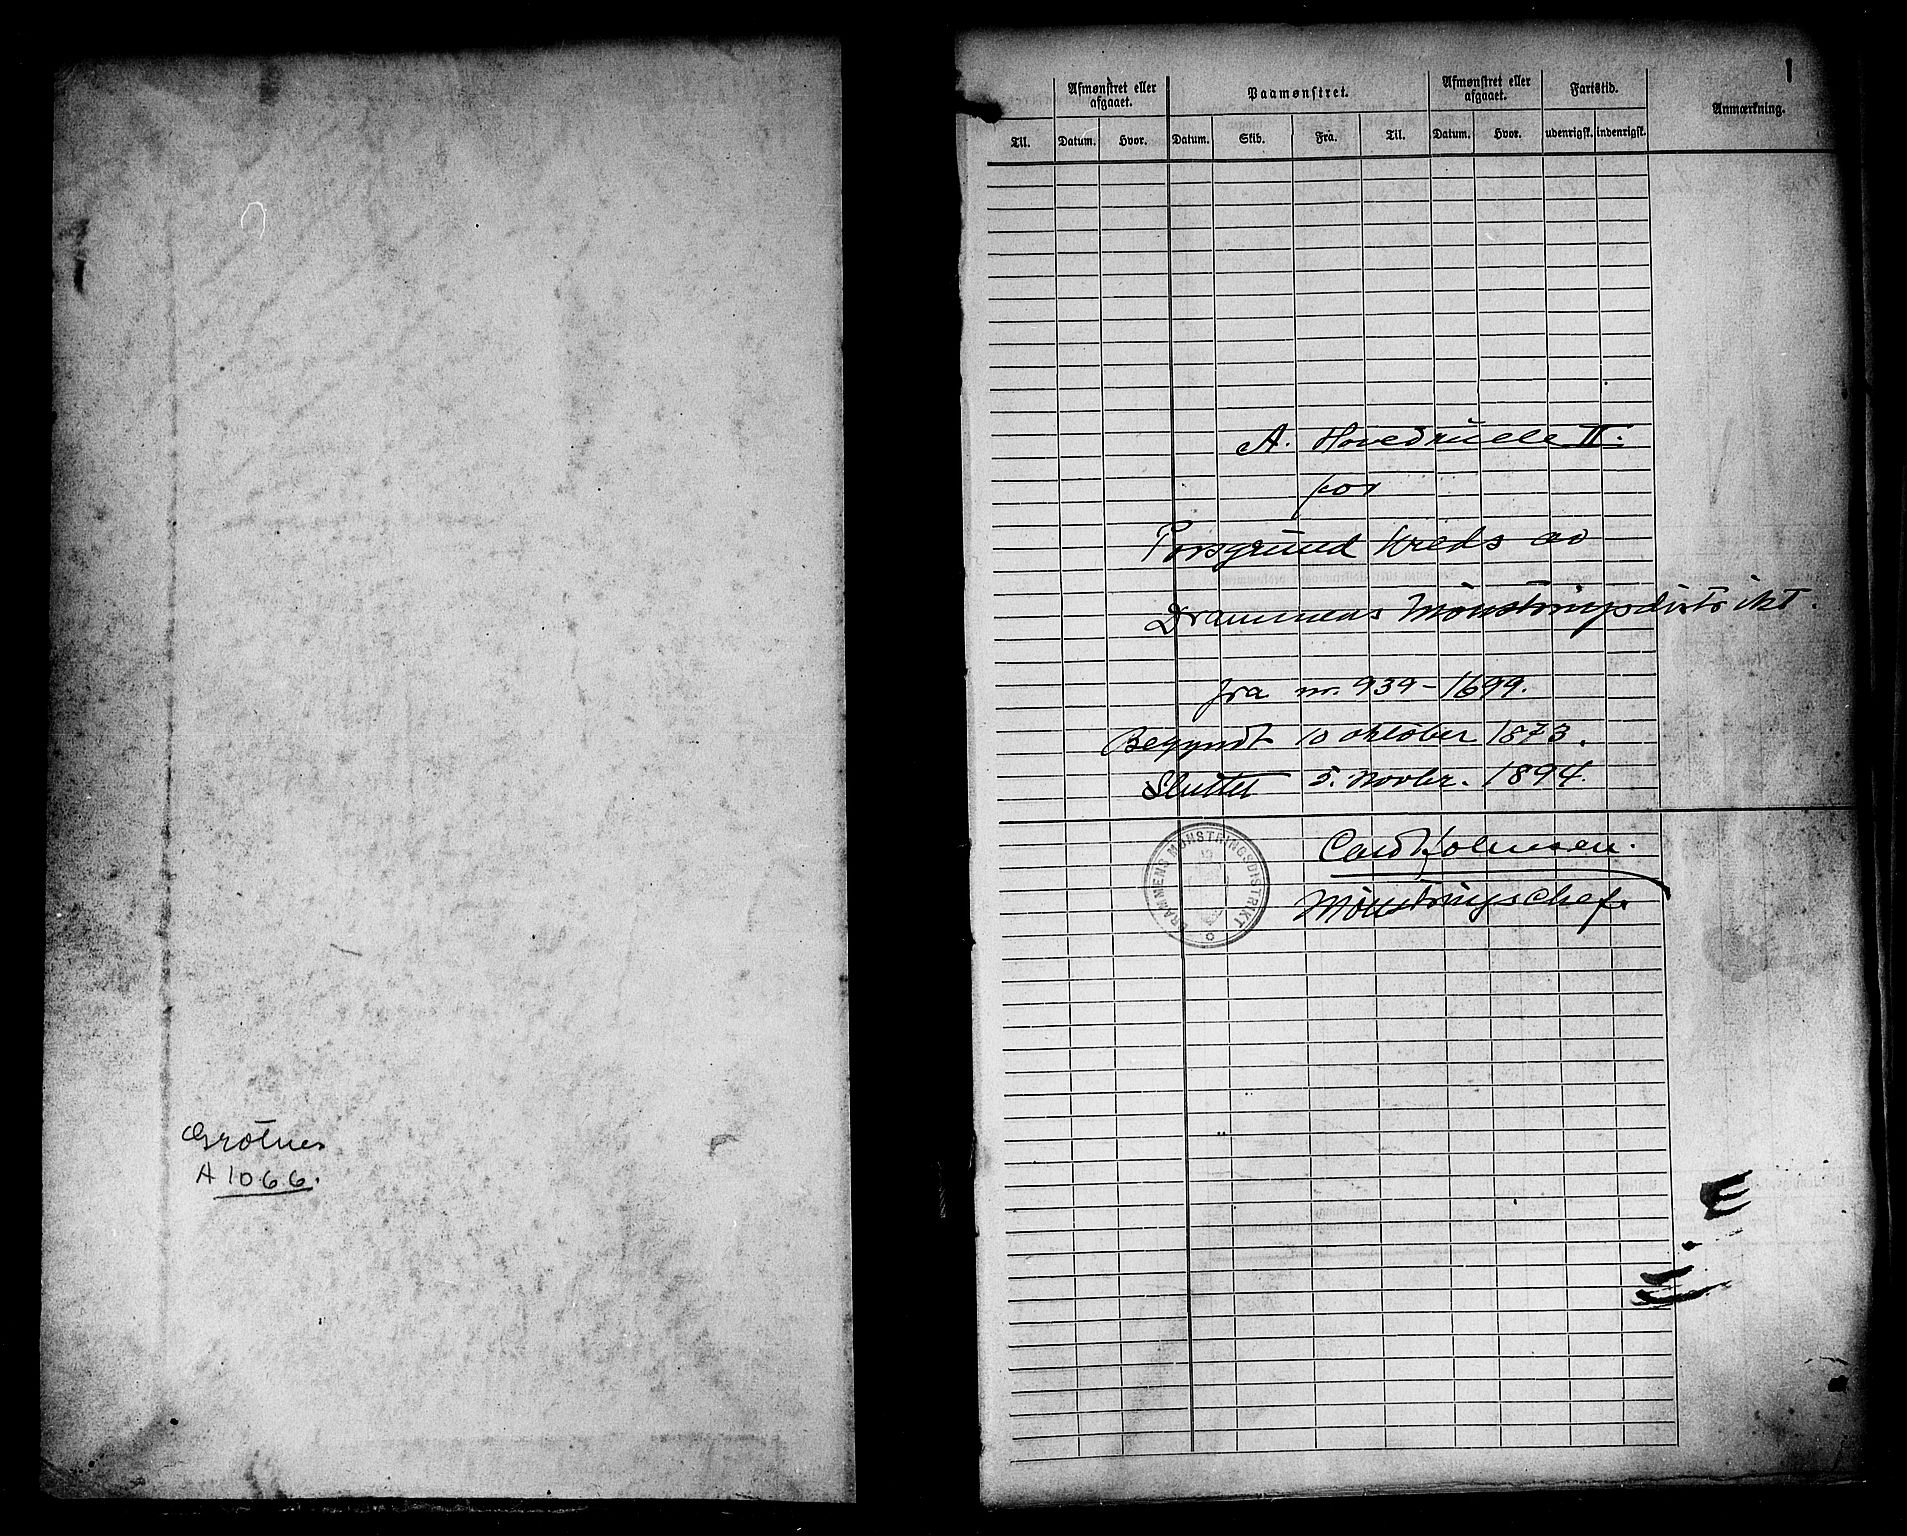 SAKO, Porsgrunn innrulleringskontor, F/Fc/L0005: Hovedrulle, 1873-1894, s. 2